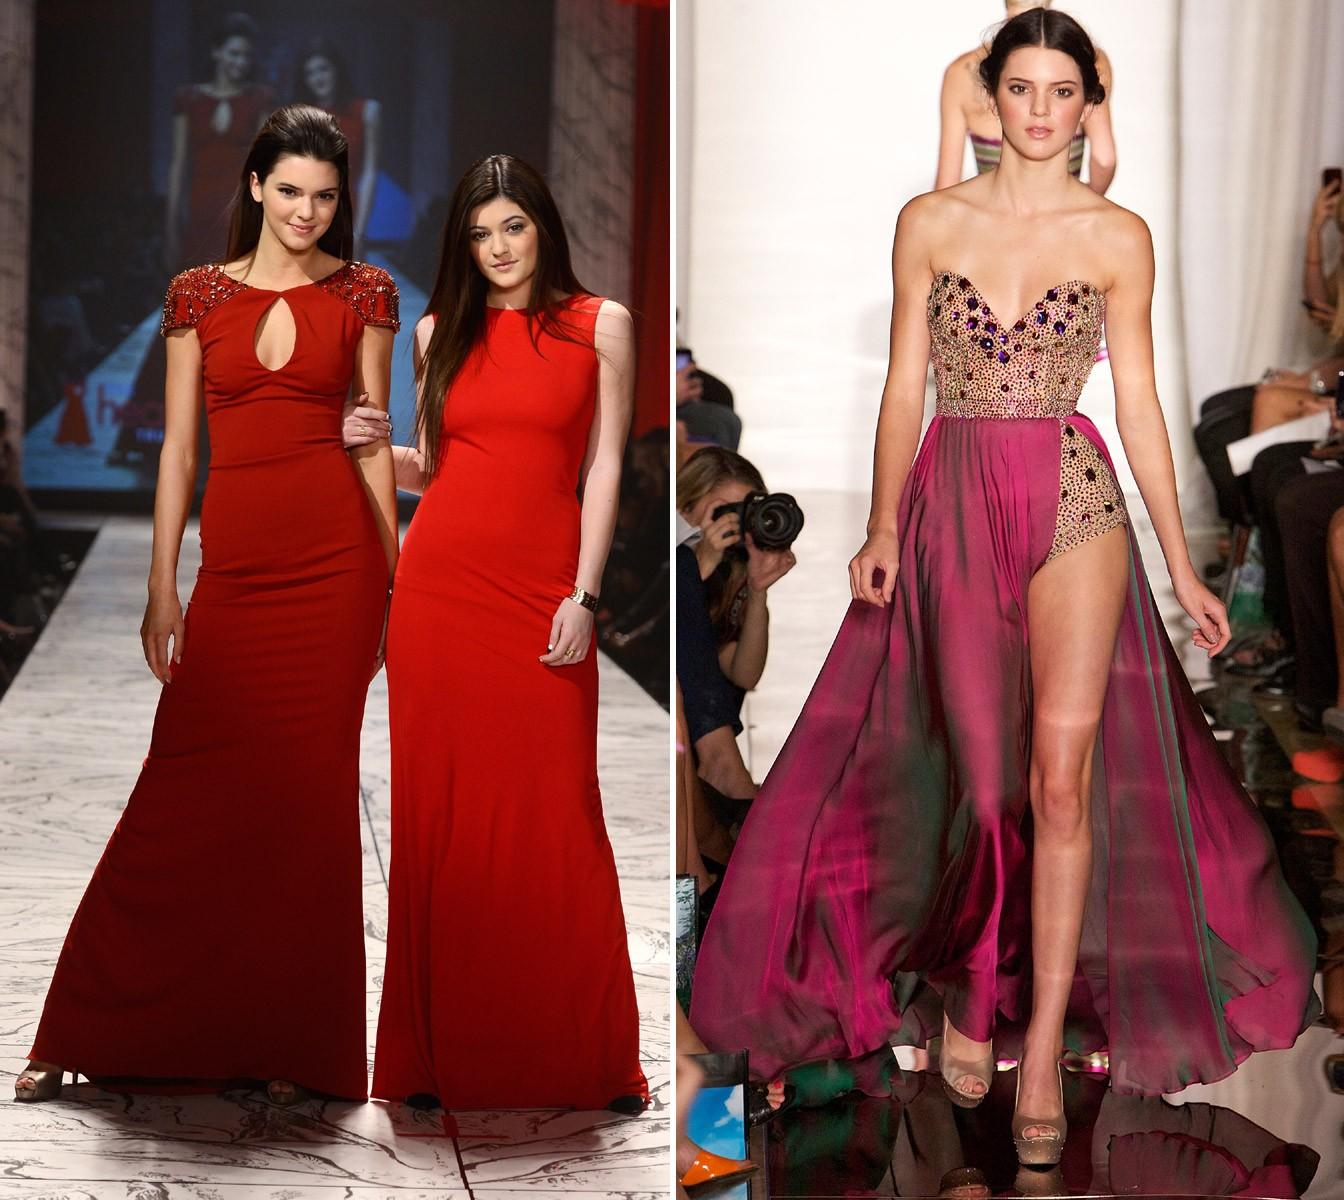 Kendall Jenner nos primeiros desfiles da carreira: ao lado da irmã Kylie em desfile beneficente de 2013 e na apresentação de Sherri Hill em 2012 (Foto: Getty Images)